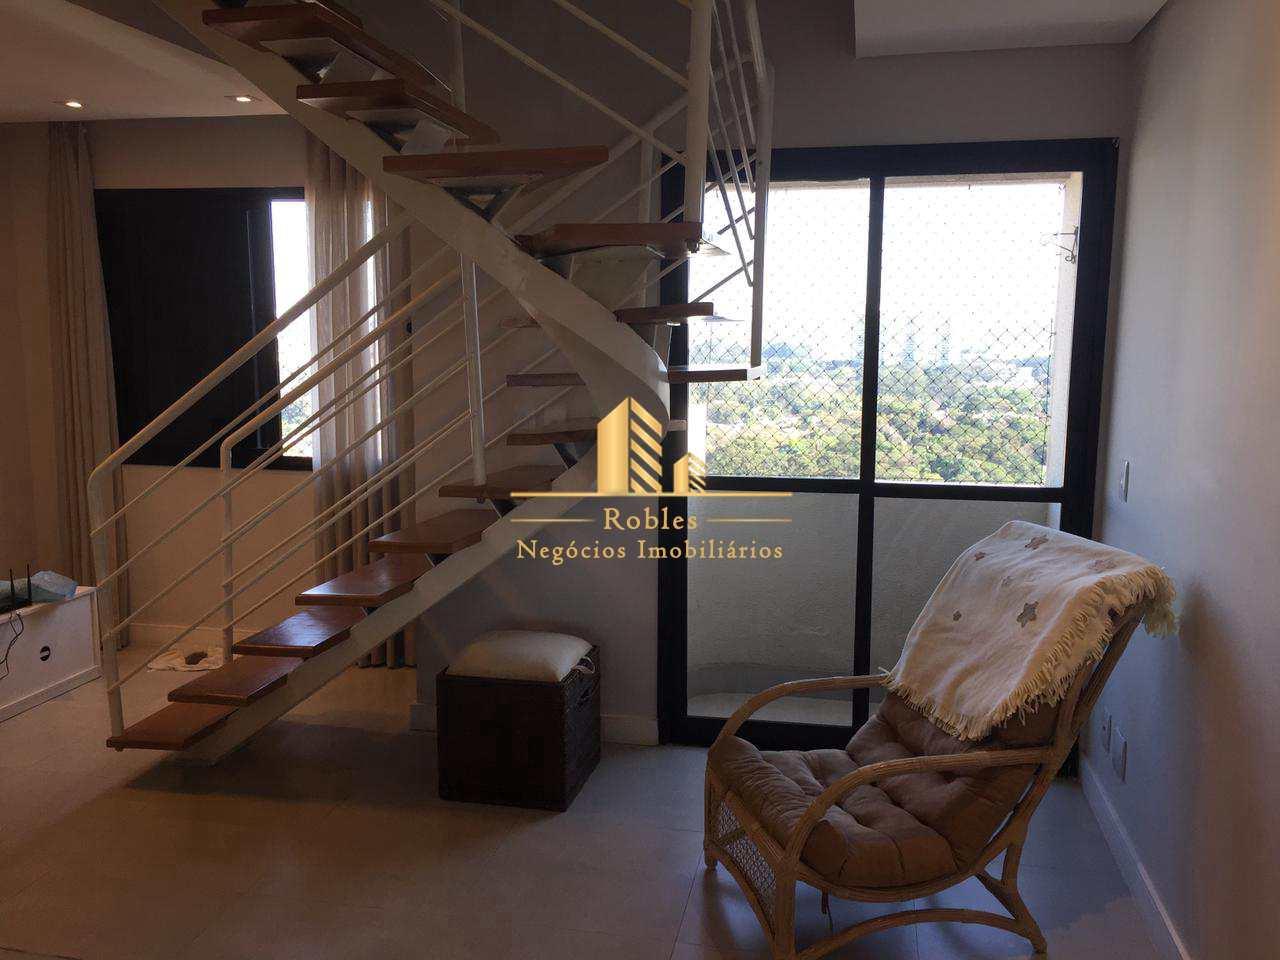 Cobertura com 2 dorms, Chácara Santo Antônio (Zona Sul), São Paulo - R$ 700 mil, Cod: 1779